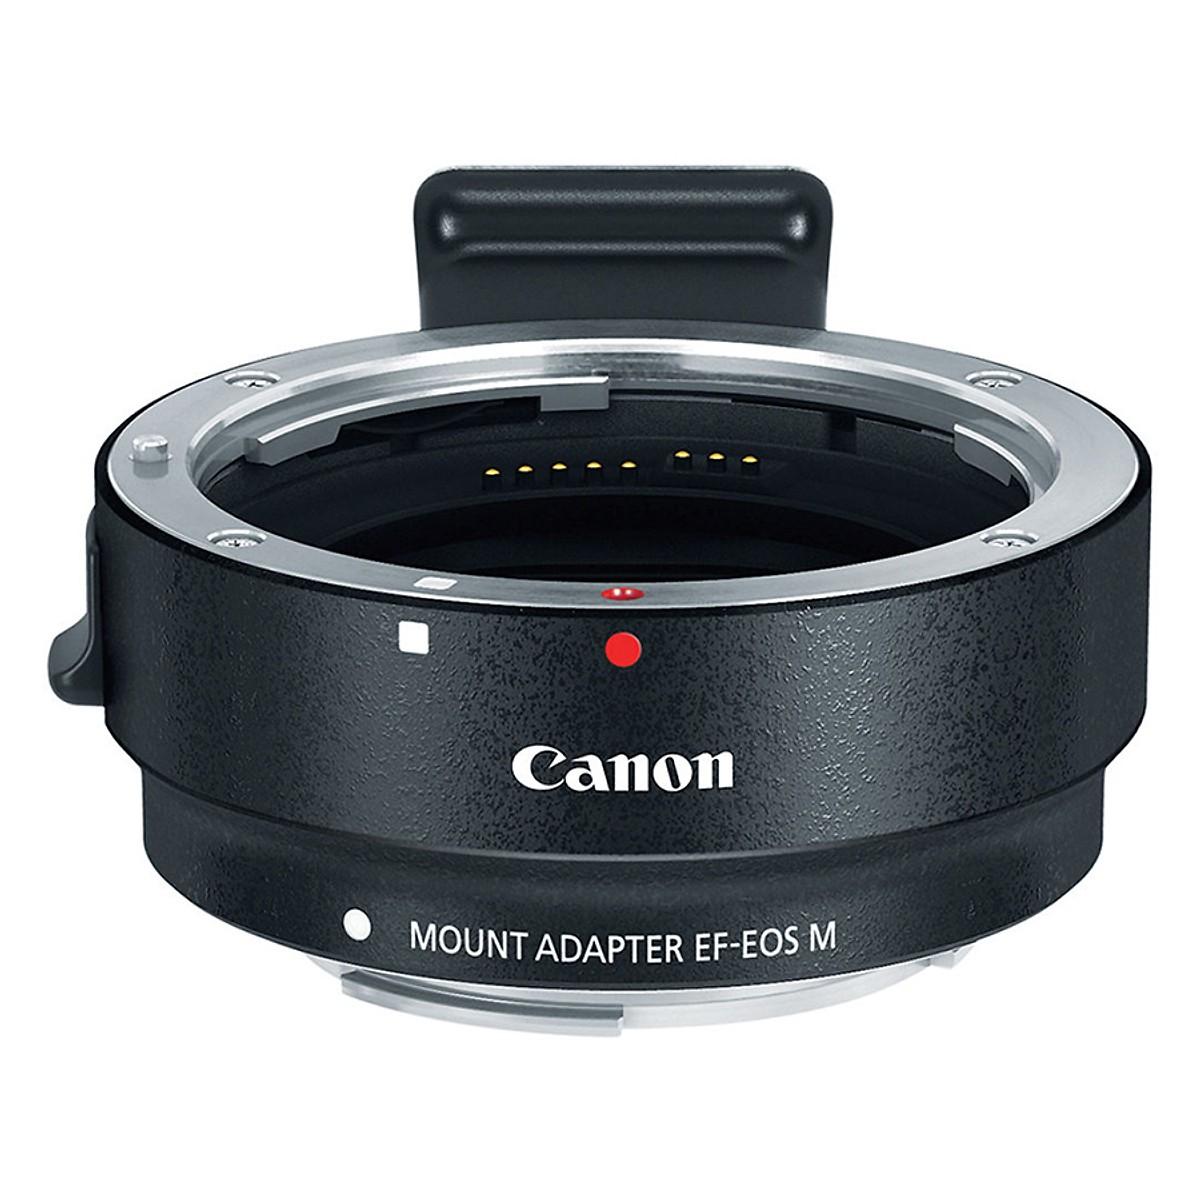 Canon   Máy ảnh kỹ thuật số   Ngàm Chuyển Đổi Ống Kính EF